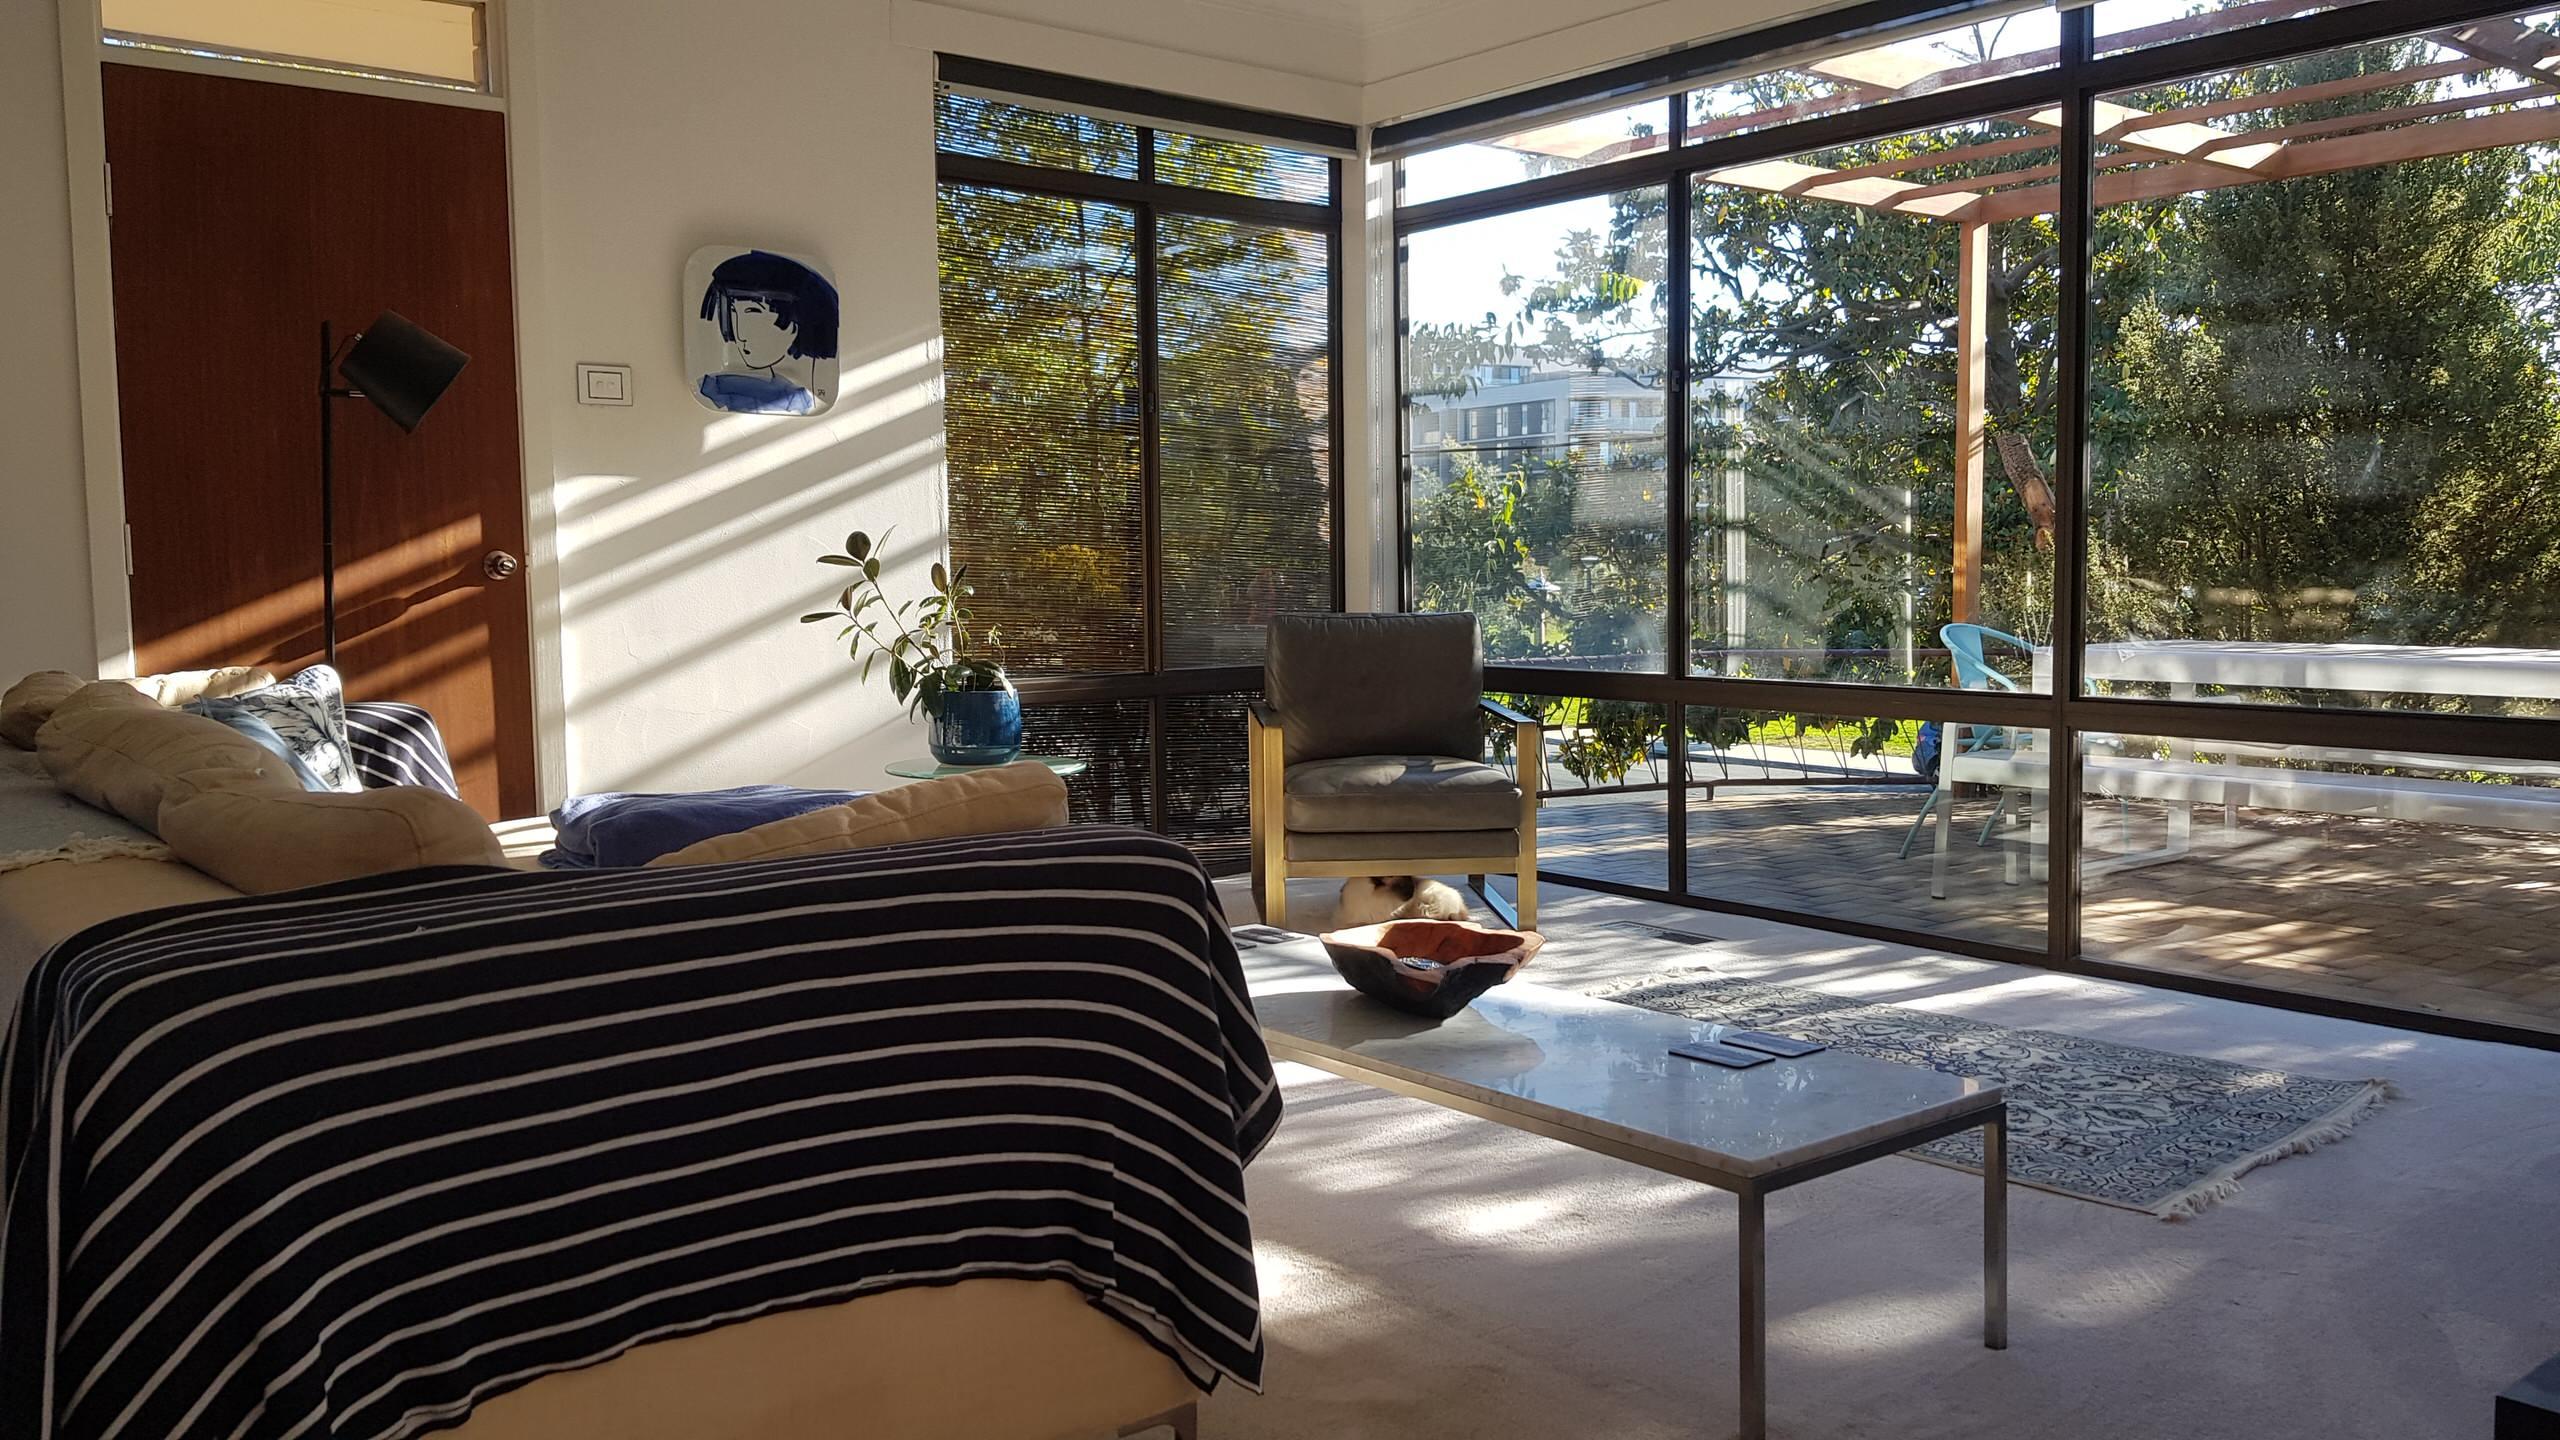 reimagined interiors